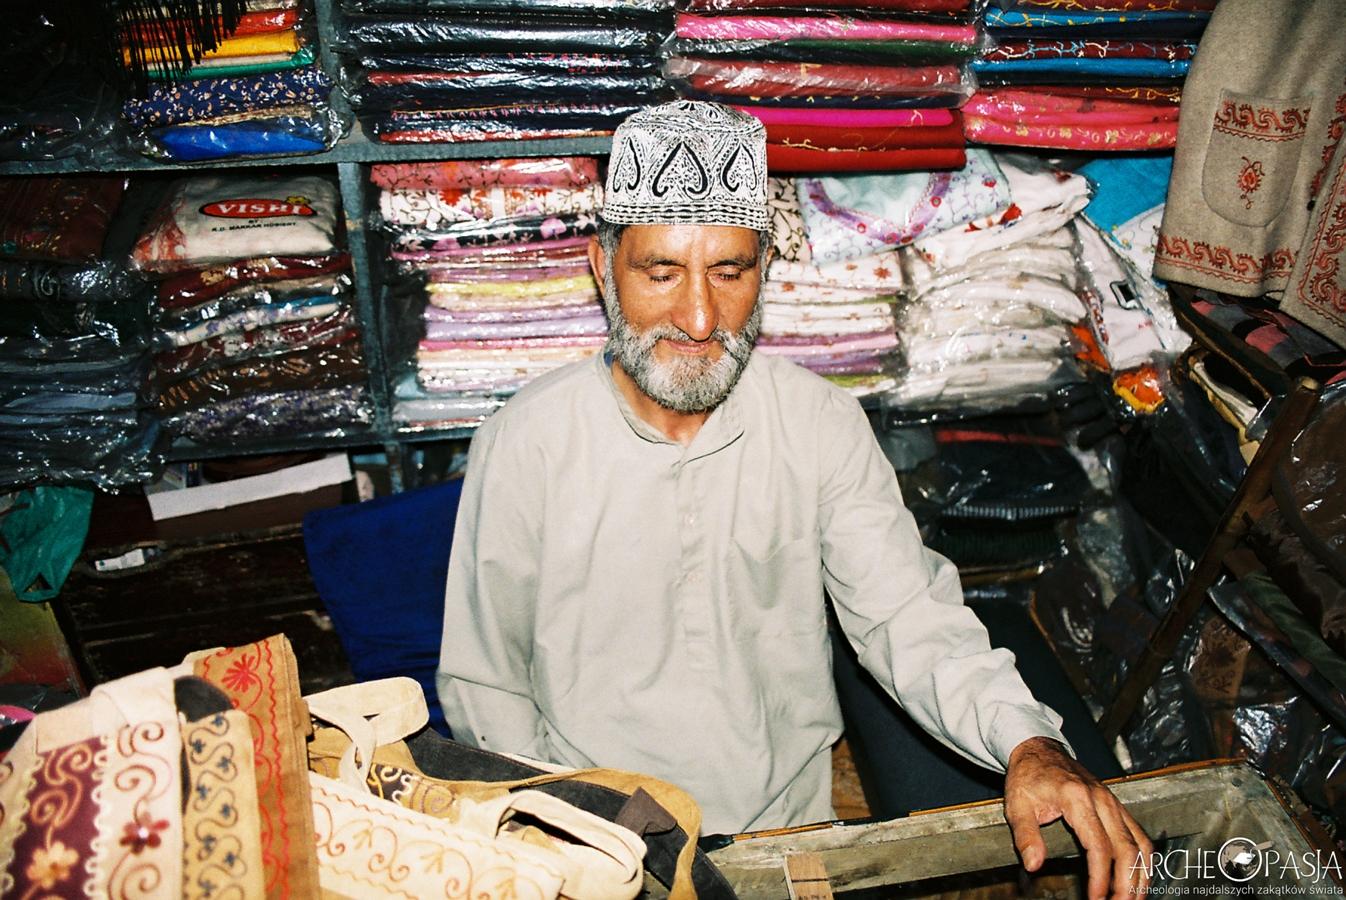 Sprzedawca lokalnego, kaszmirskiego rękodzieła w Śrinagarze